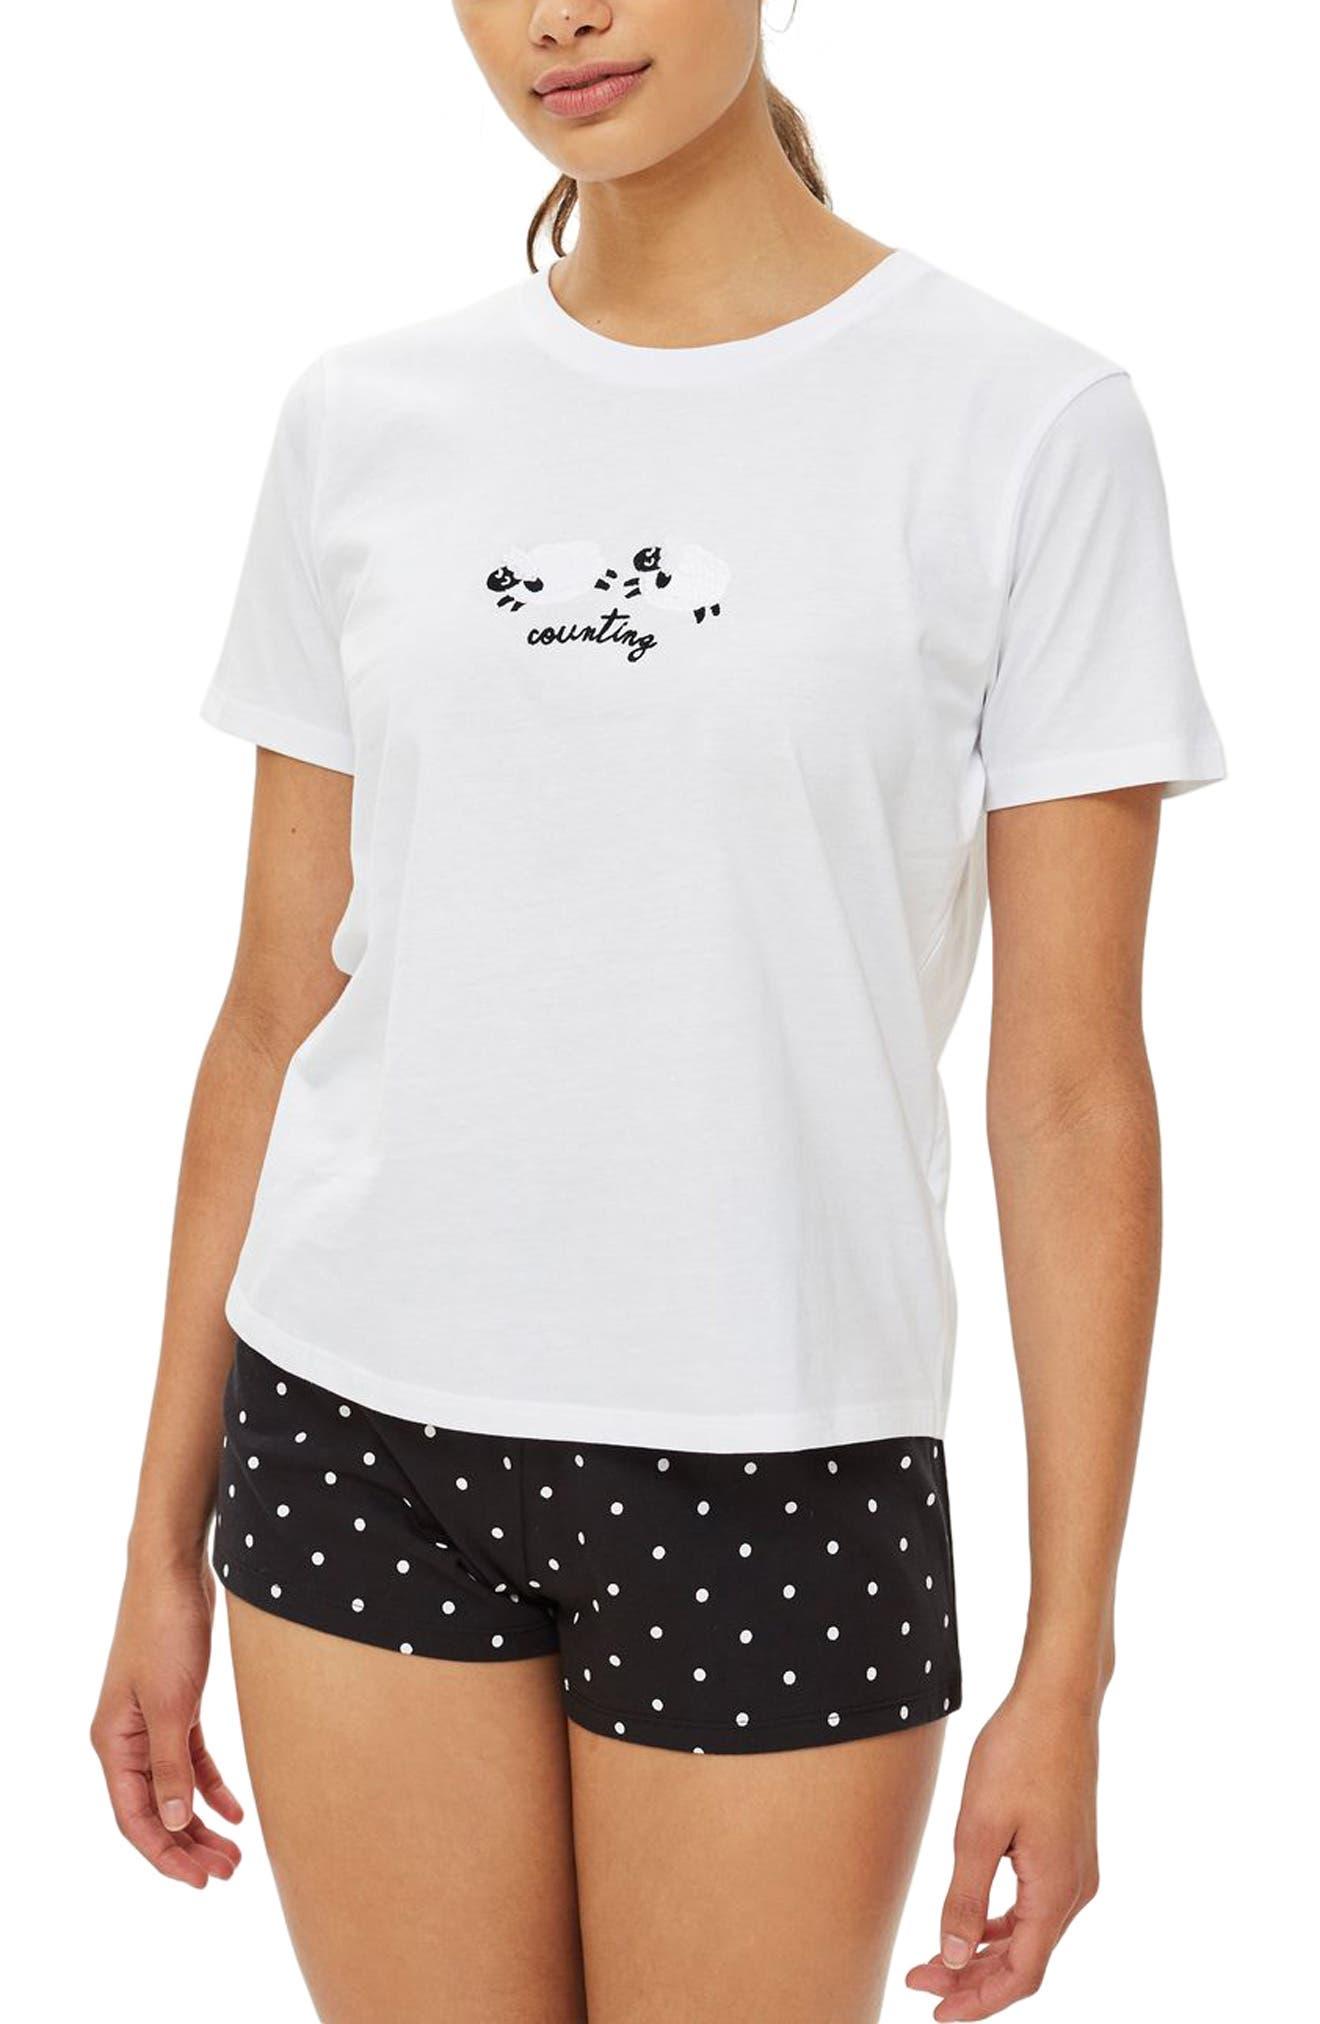 Counting Sheep Pajamas,                             Main thumbnail 1, color,                             WHITE MULTI